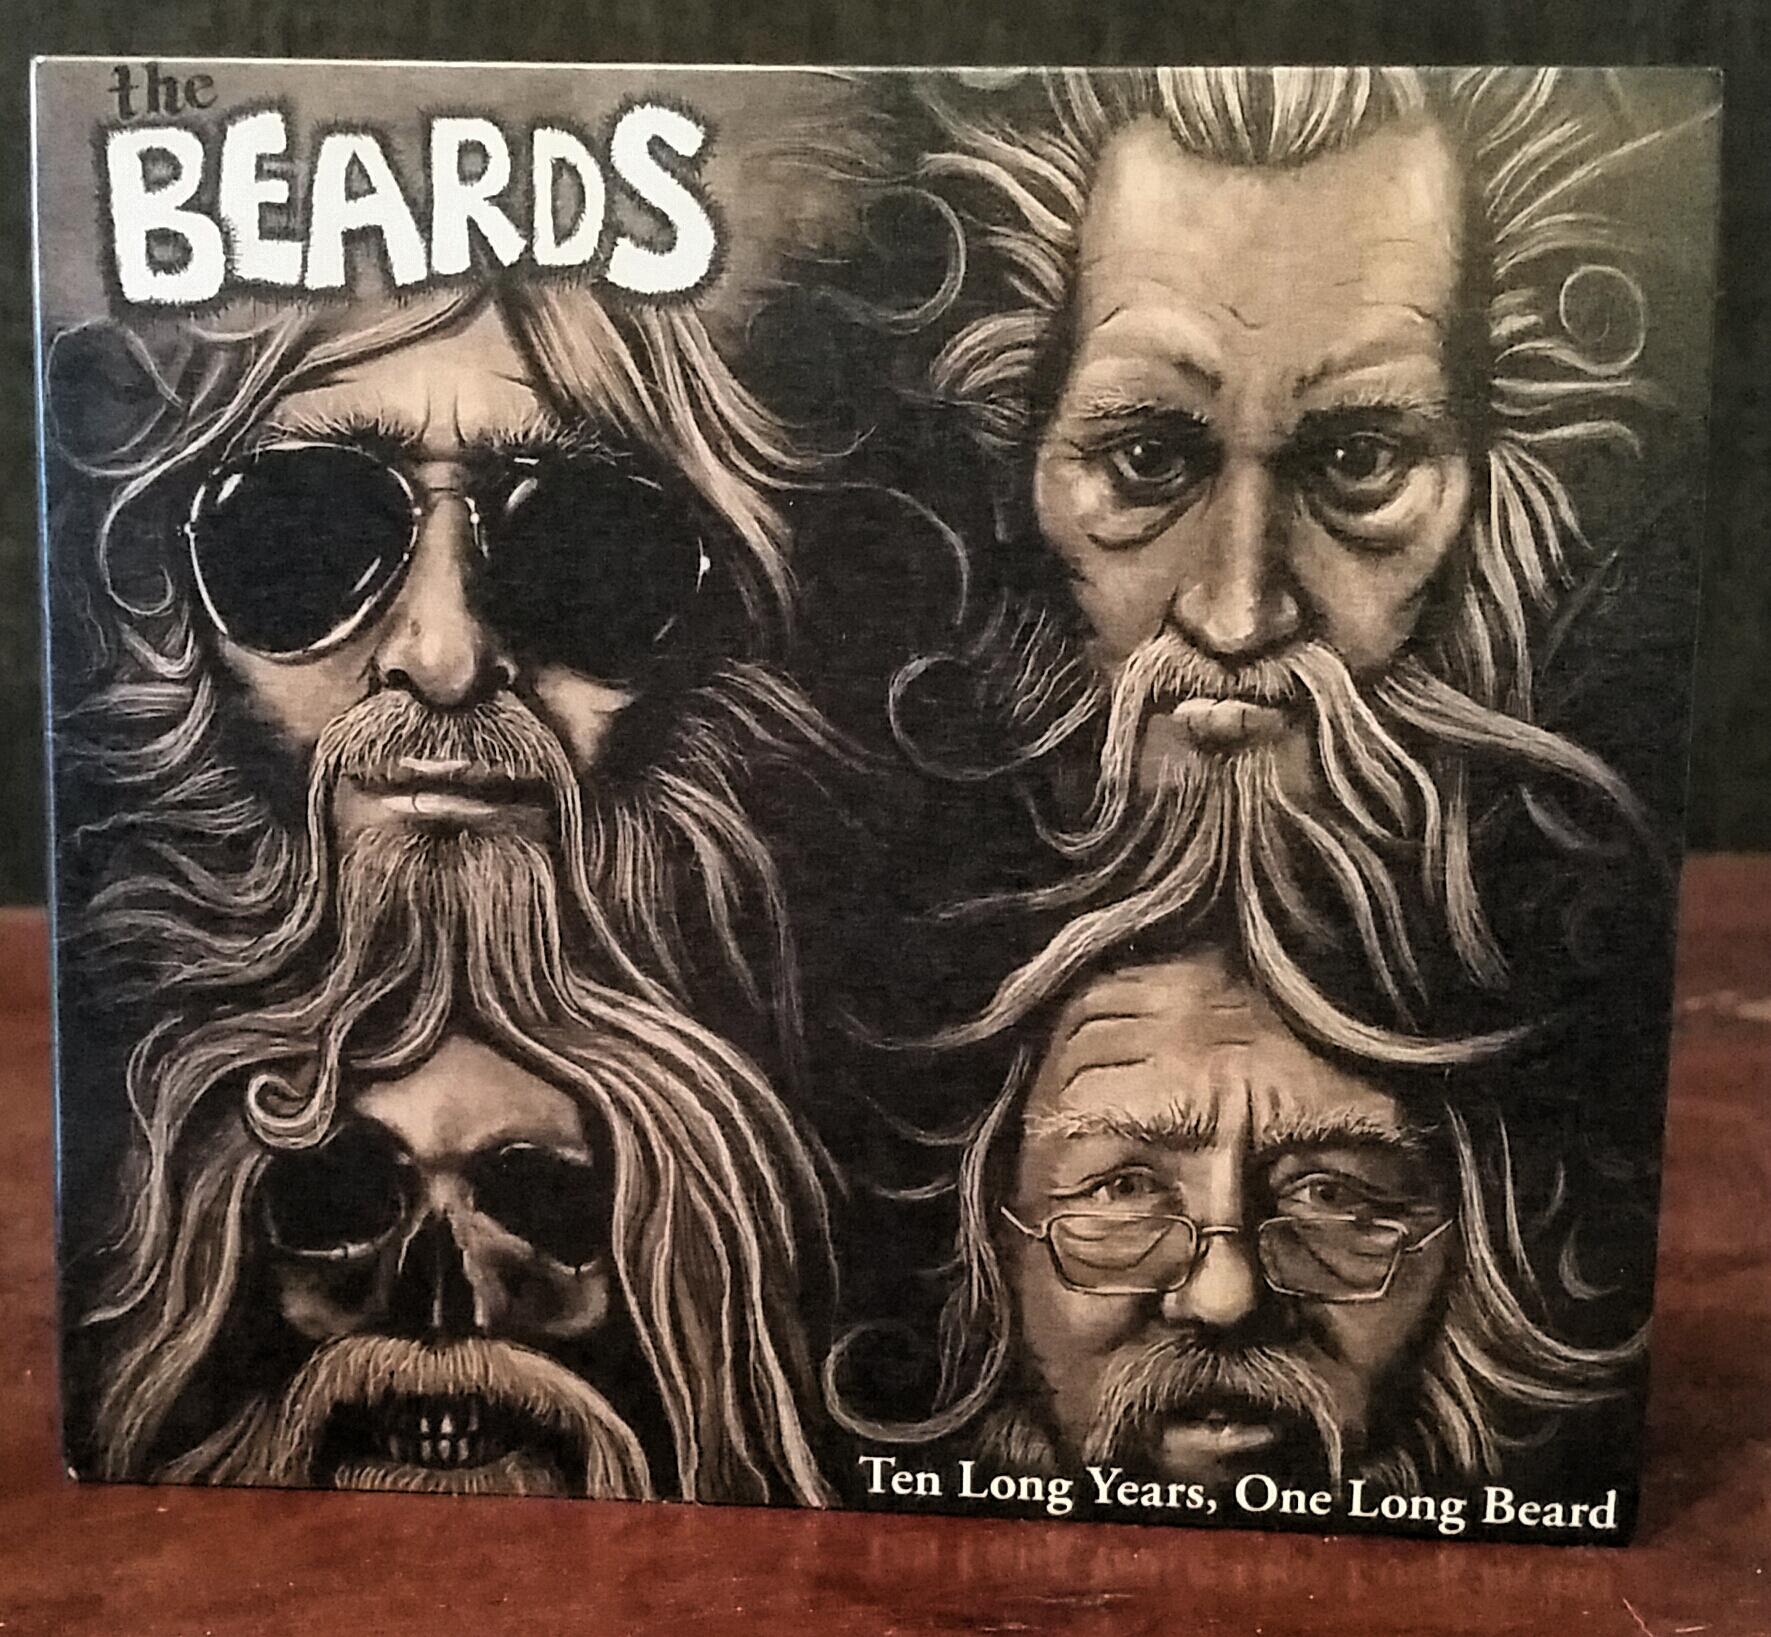 Ten Long Years, One Long Beard - The Beards